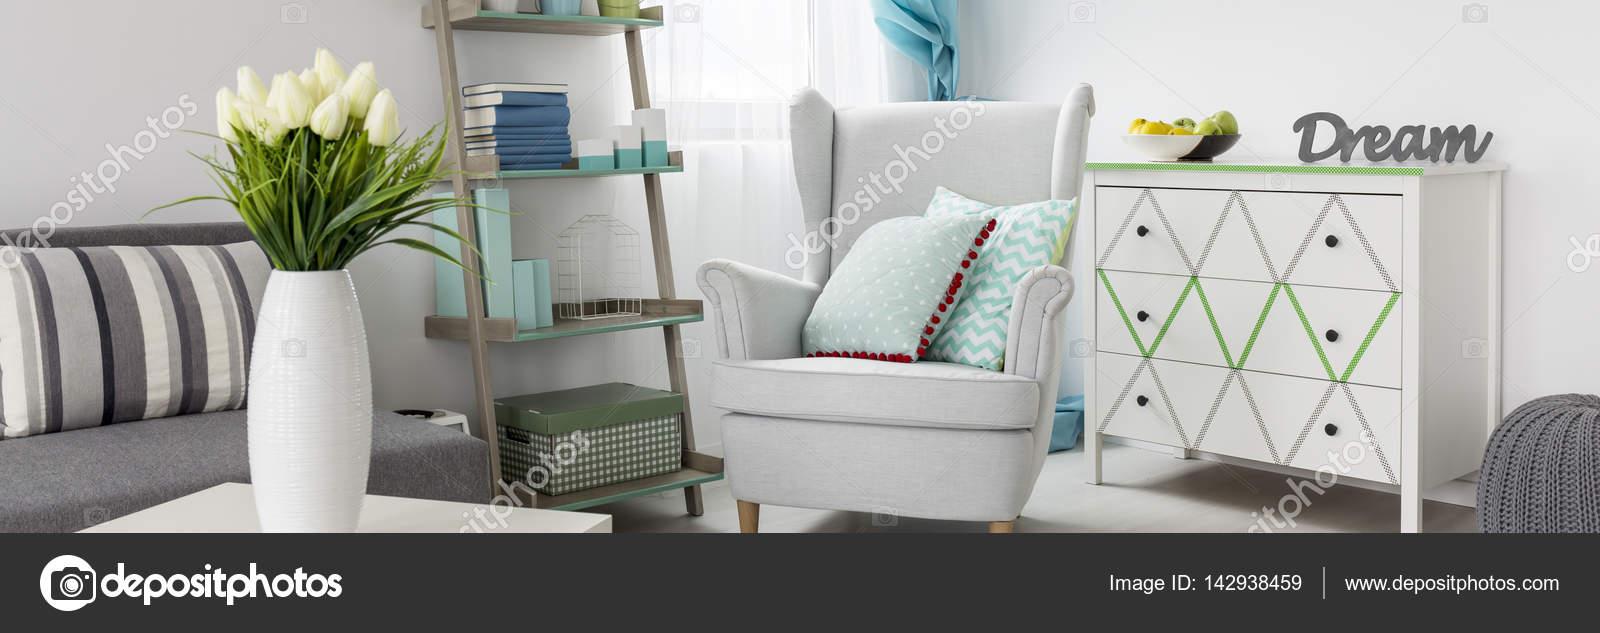 comfortabele fauteuil in een gezellige woonkamer met lichte kleuren foto van photographeeeu